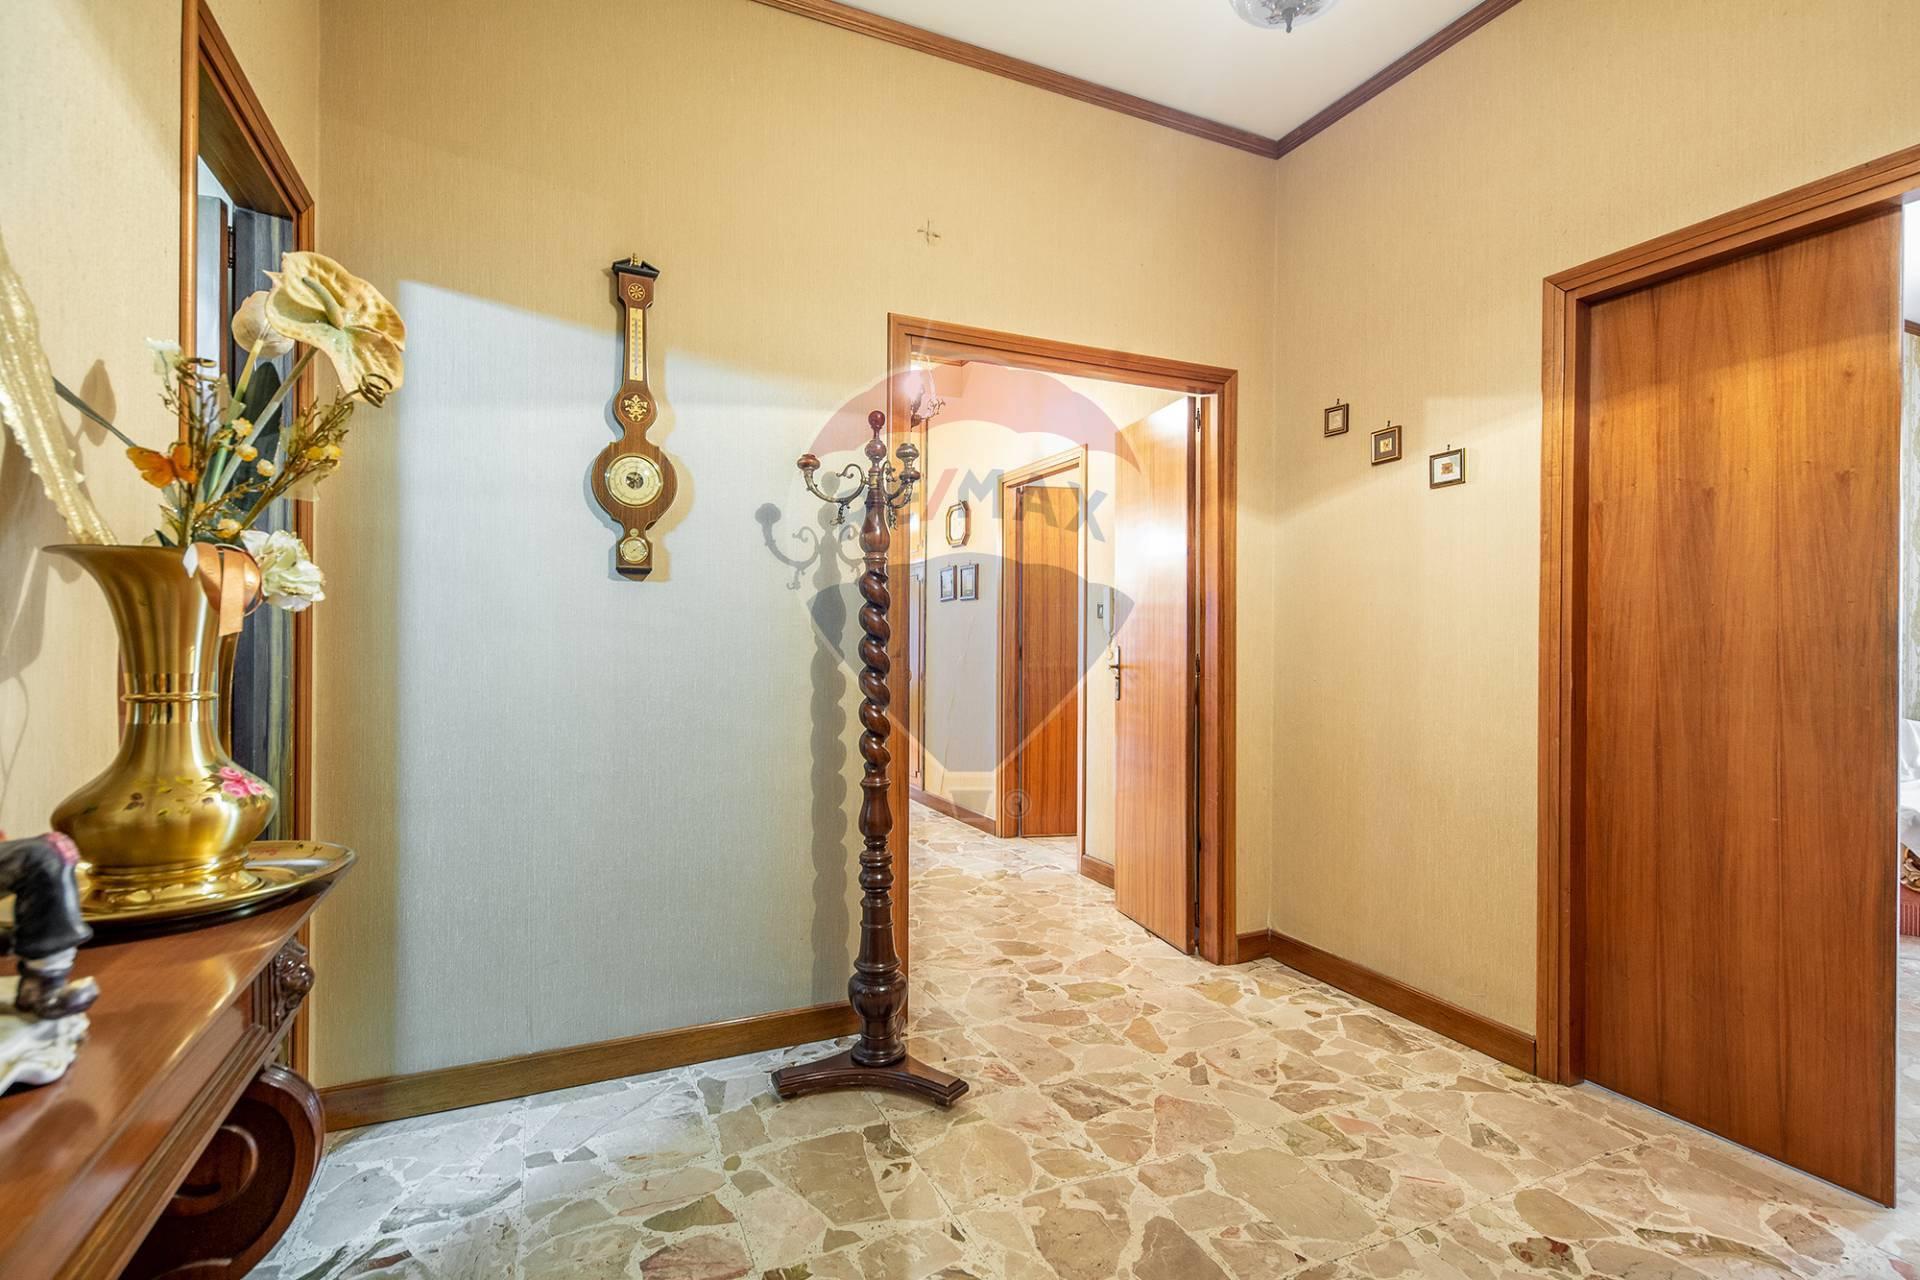 Appartamento in vendita a Enna, 9 locali, zona Località: Centrostorico-zonacentrale, prezzo € 325.000   CambioCasa.it